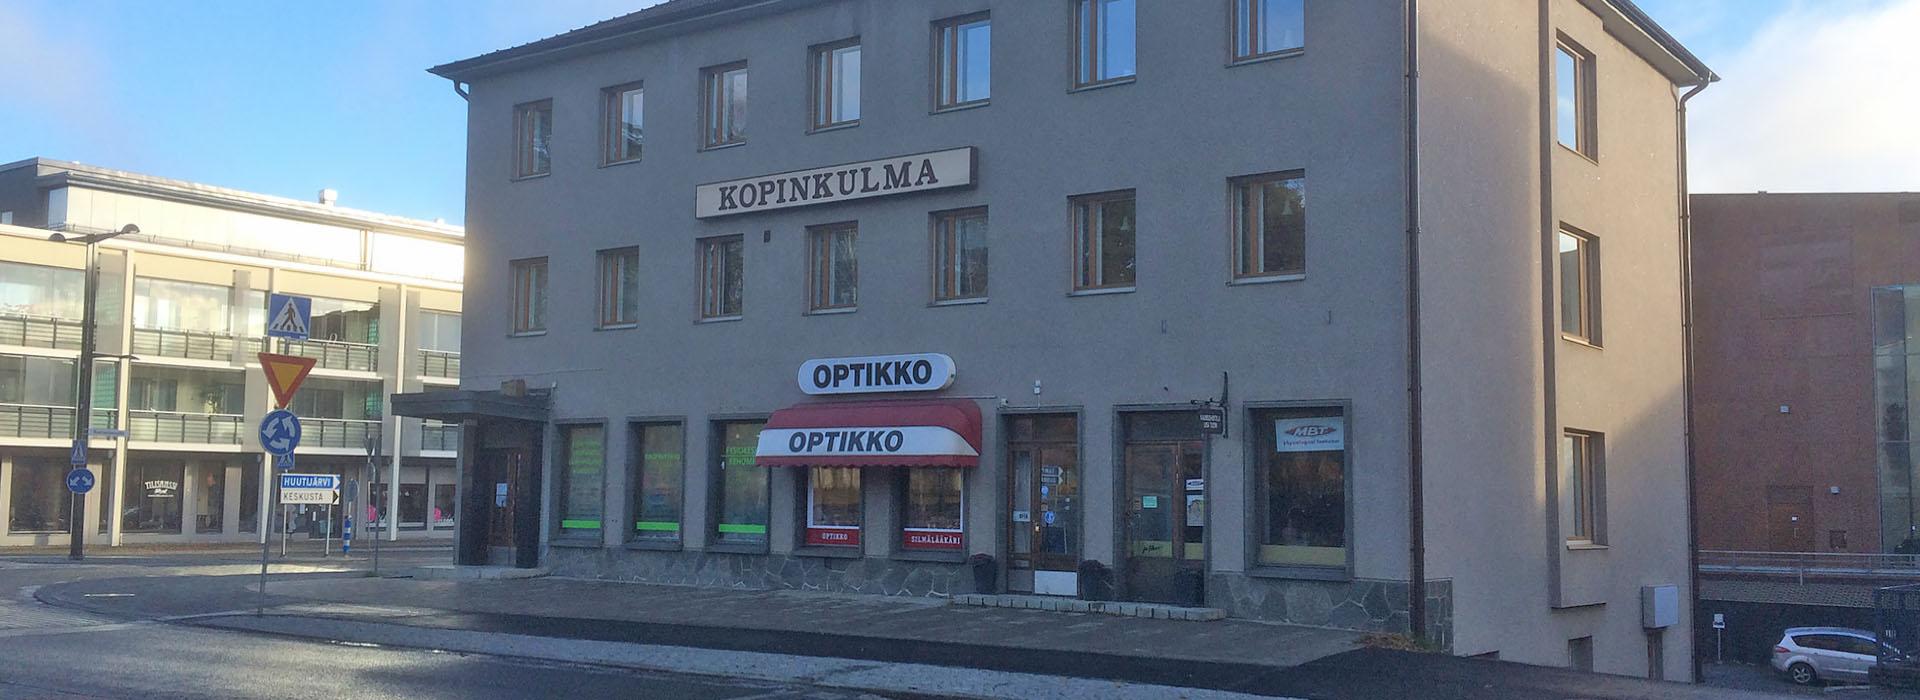 Kopinkulman Optiikka Oy (Optikko Kangasala), Tampereentie 1, 36200 Kangasala